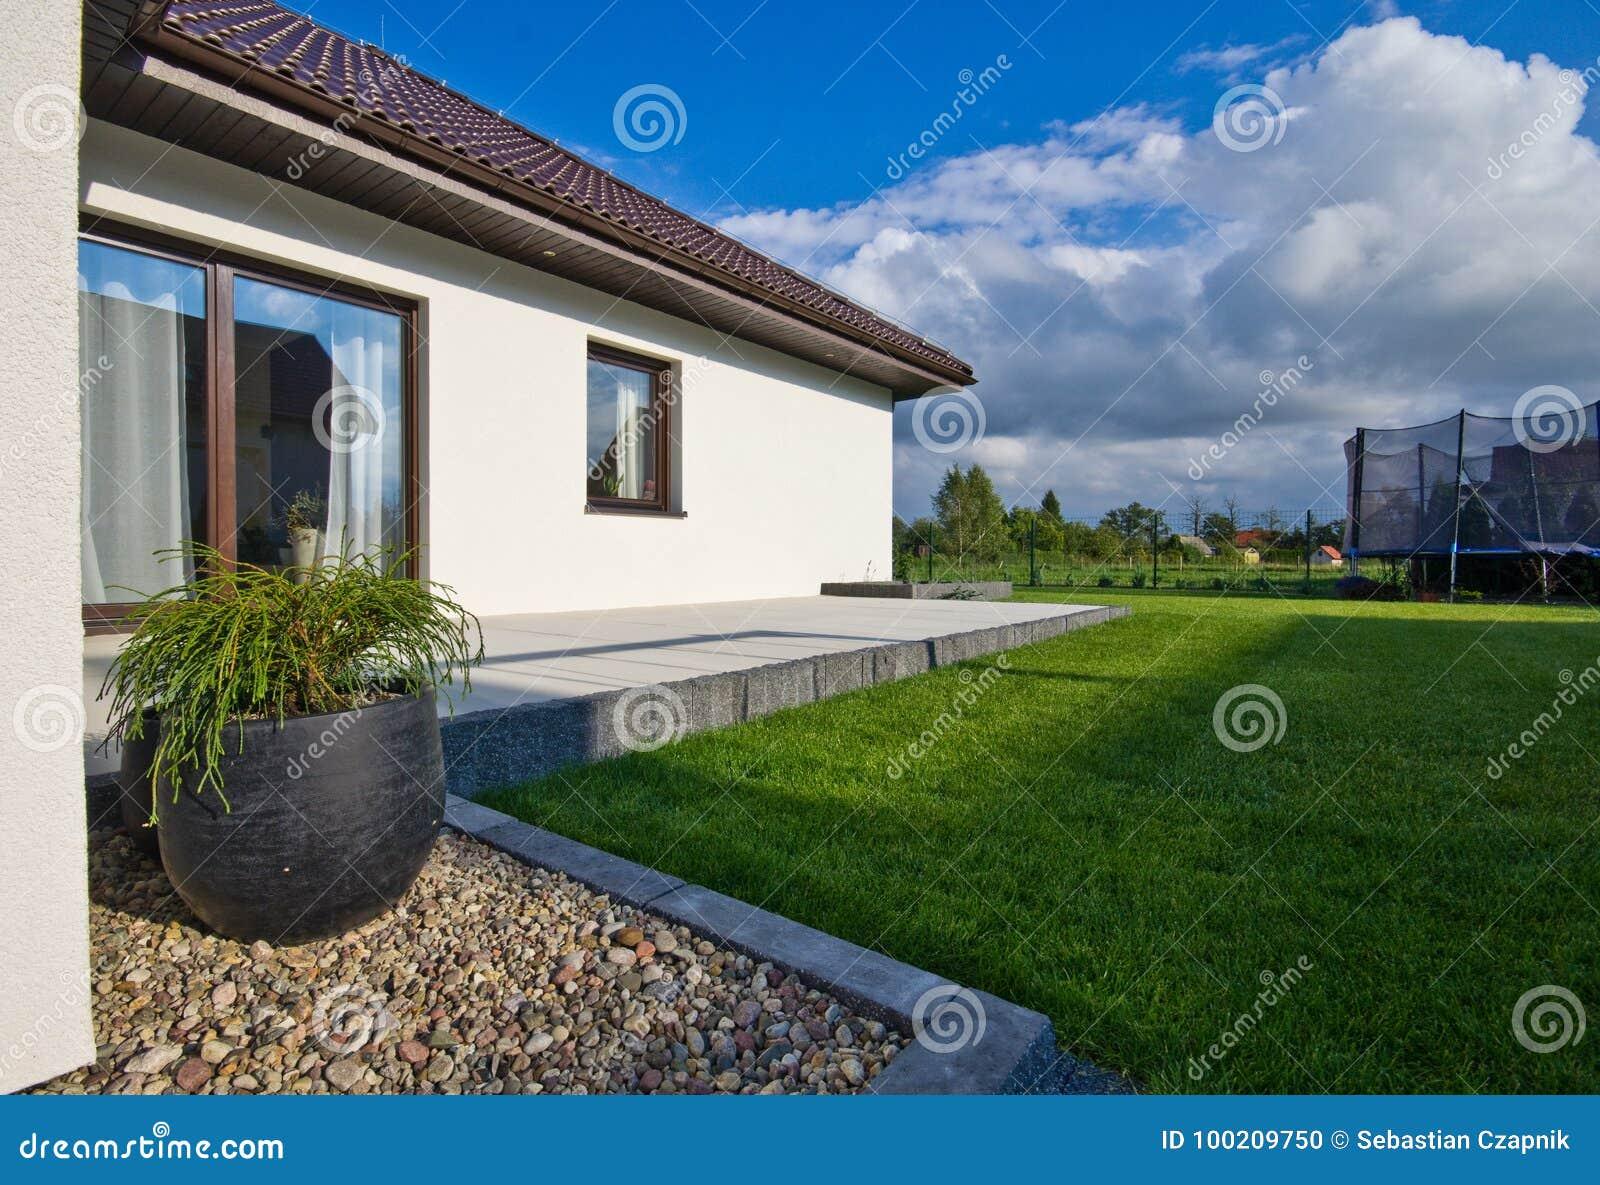 Esterno di una casa moderna con architettura elegante - Architettura casa moderna ...